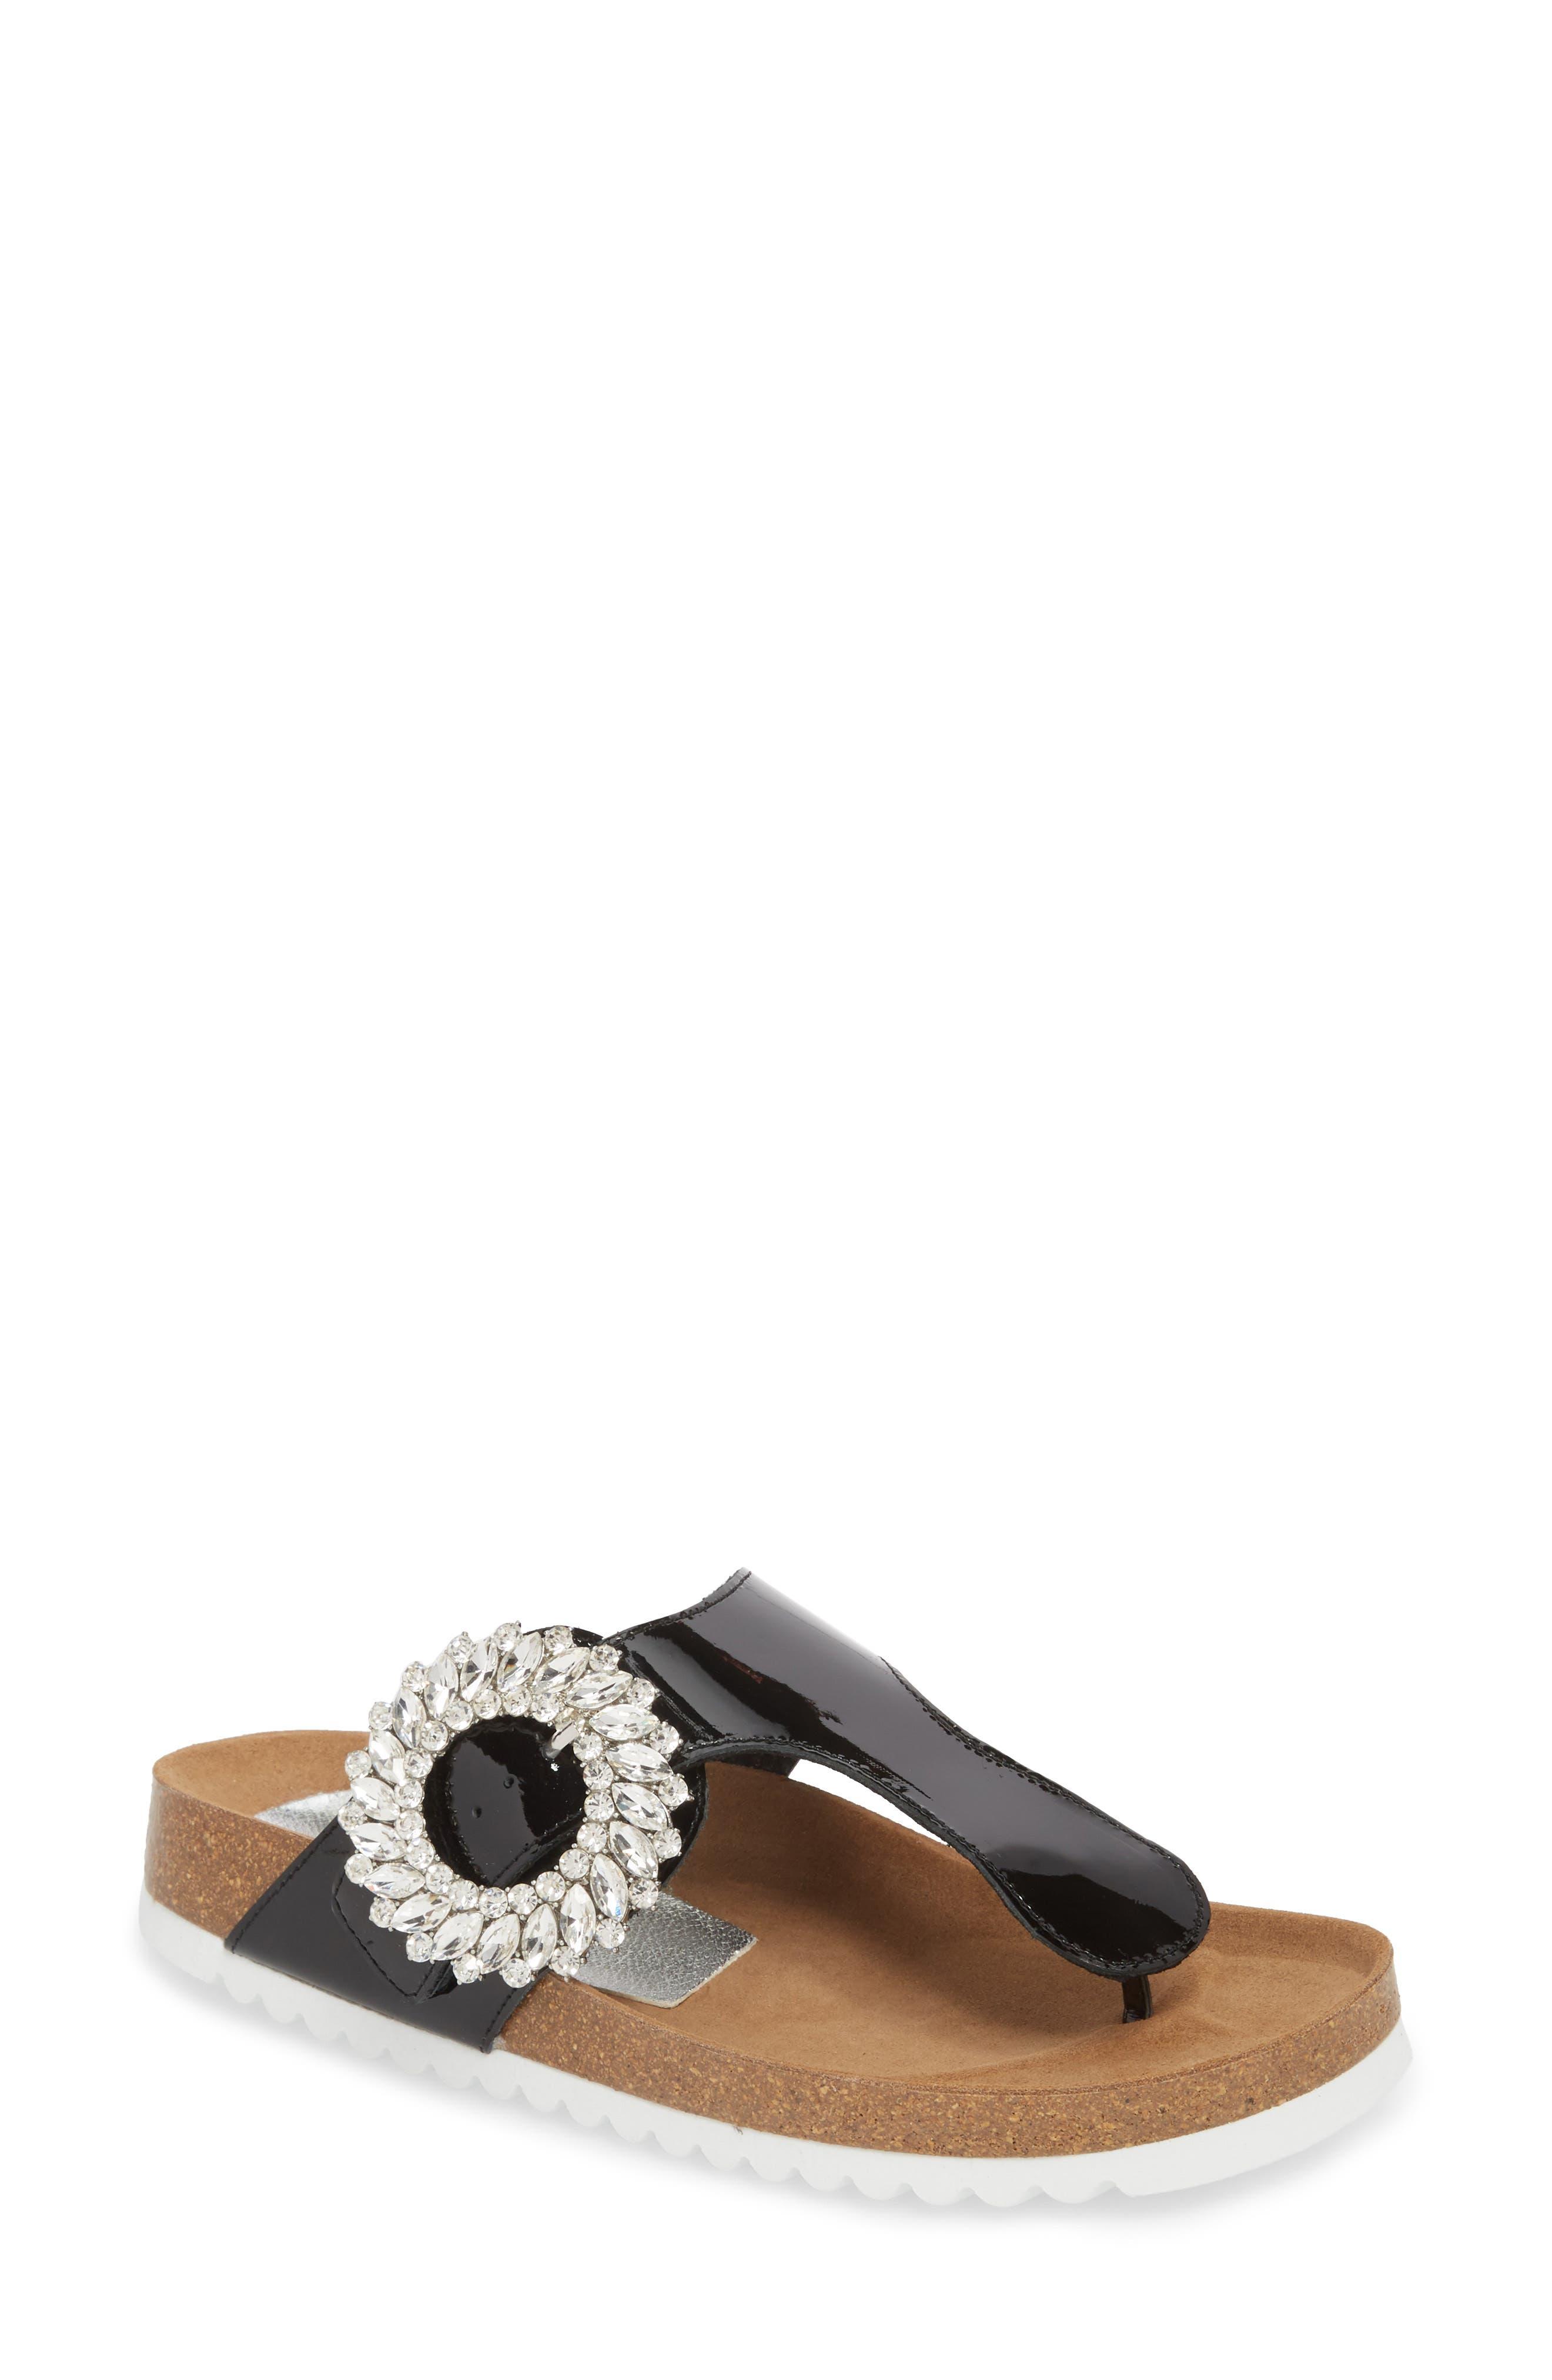 Madeira Embellished T-Strap Sandal,                         Main,                         color, Black Patent/ Black Silver